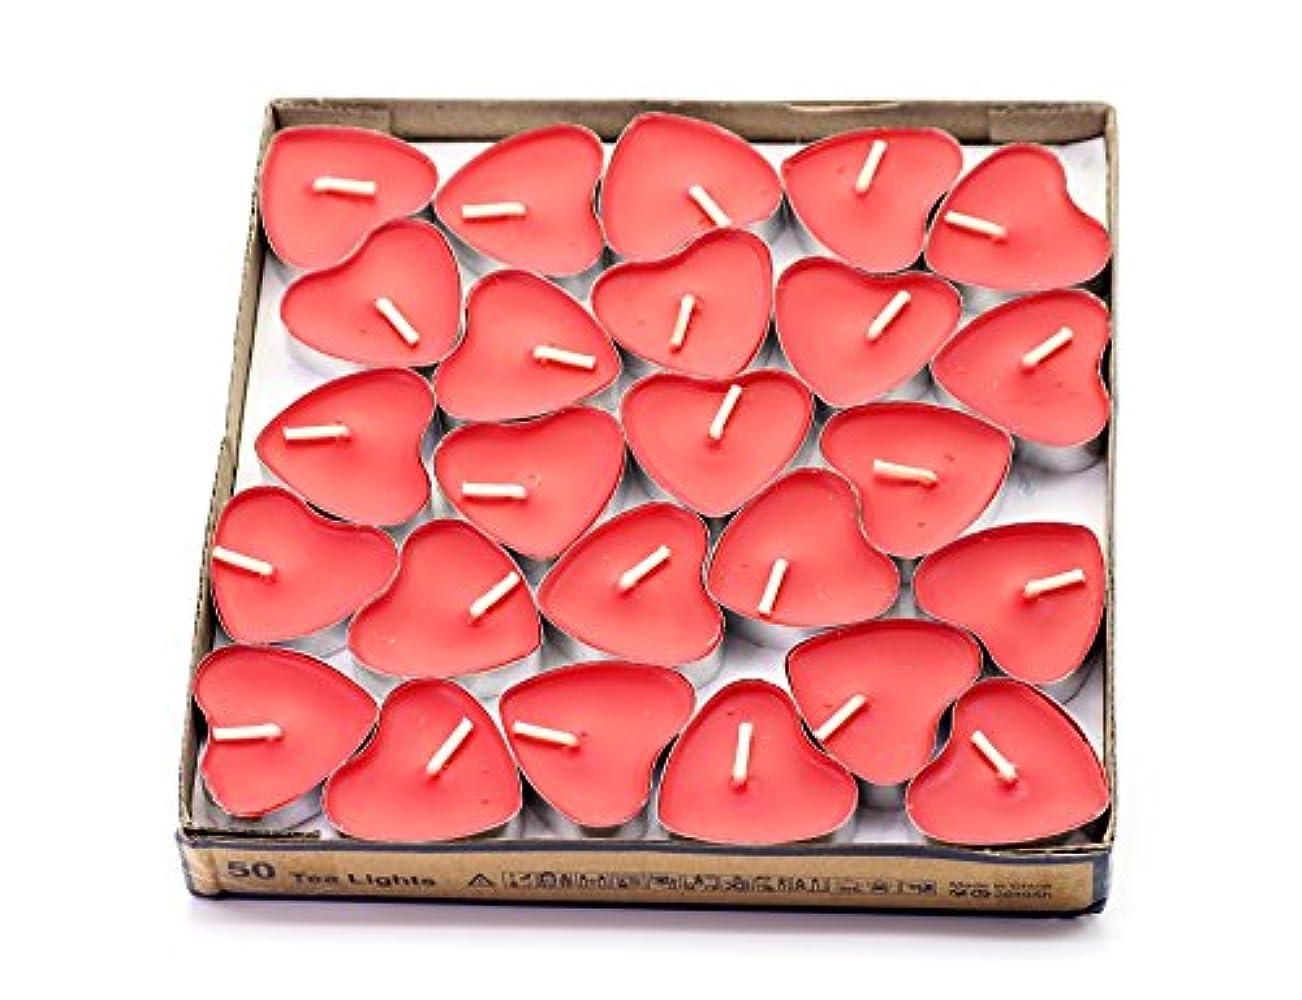 徒歩で放棄夜の動物園(Red(strawberry)) - Creationtop Scented Candles Tea Lights Mini Hearts Home Decor Aroma Candles Set of 50 pcs...